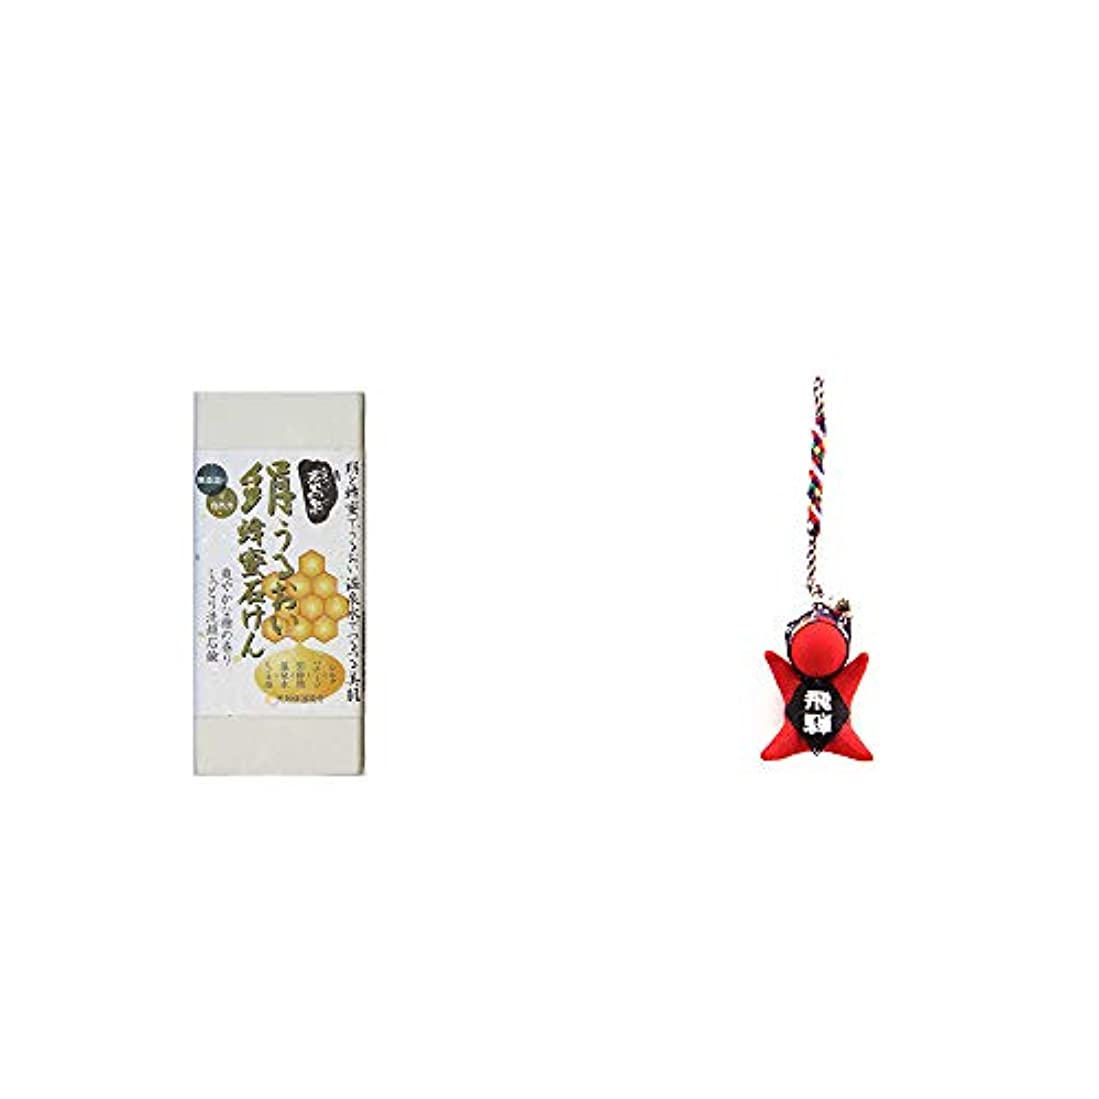 悪名高い意図的エゴイズム[2点セット] ひのき炭黒泉 絹うるおい蜂蜜石けん(75g×2)?さるぼぼ根付 【赤】/ ストラップ 縁結び?魔除け //